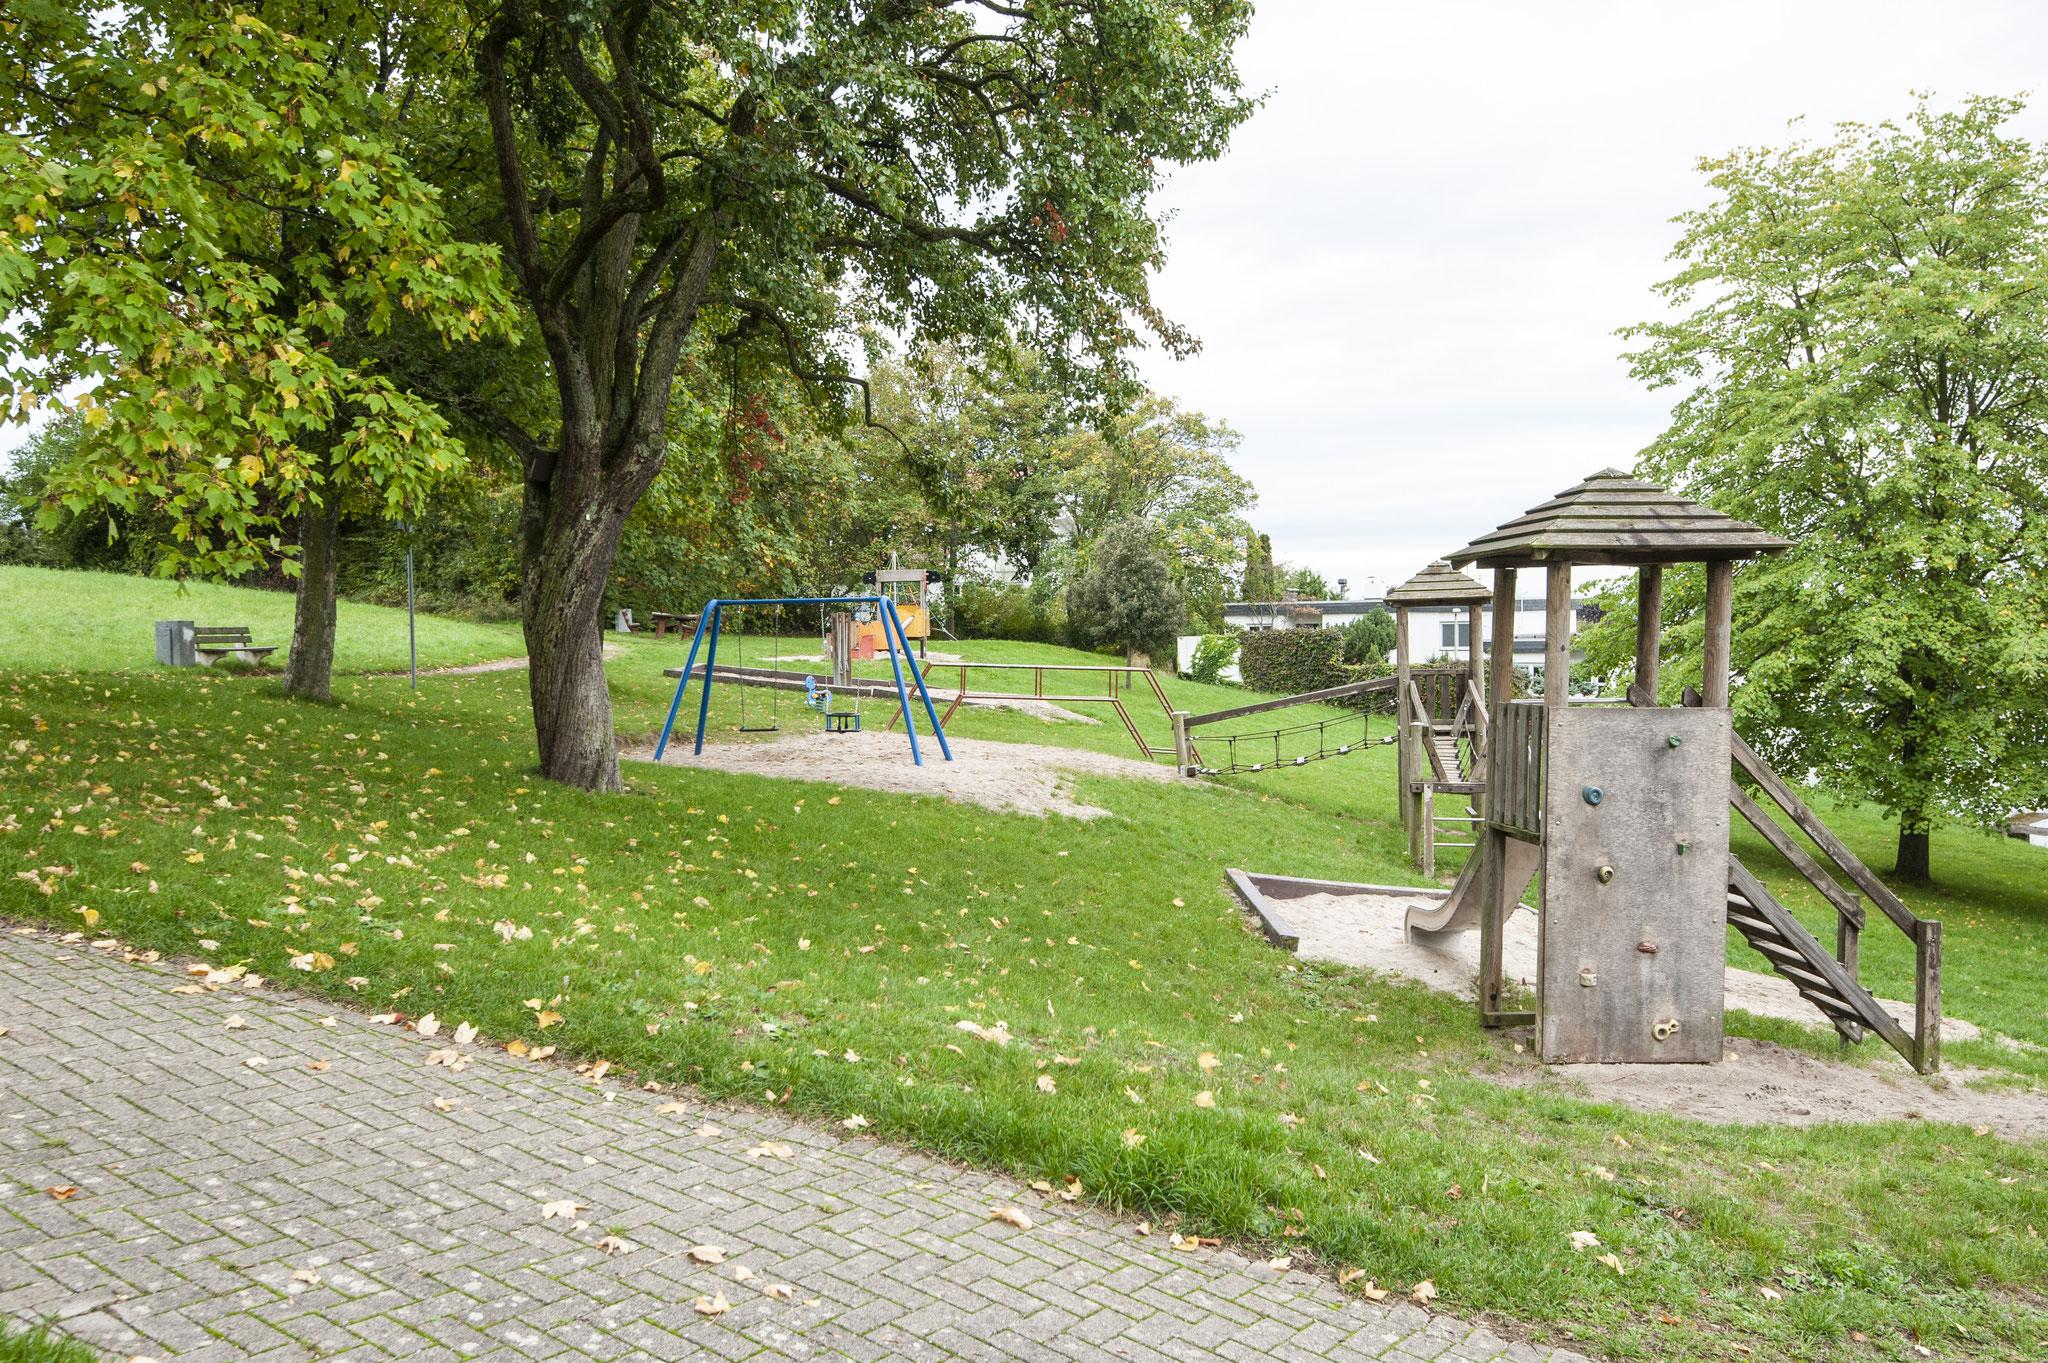 Breckenheim Pfingstbornanlage / Foto: Ullrich Knapp